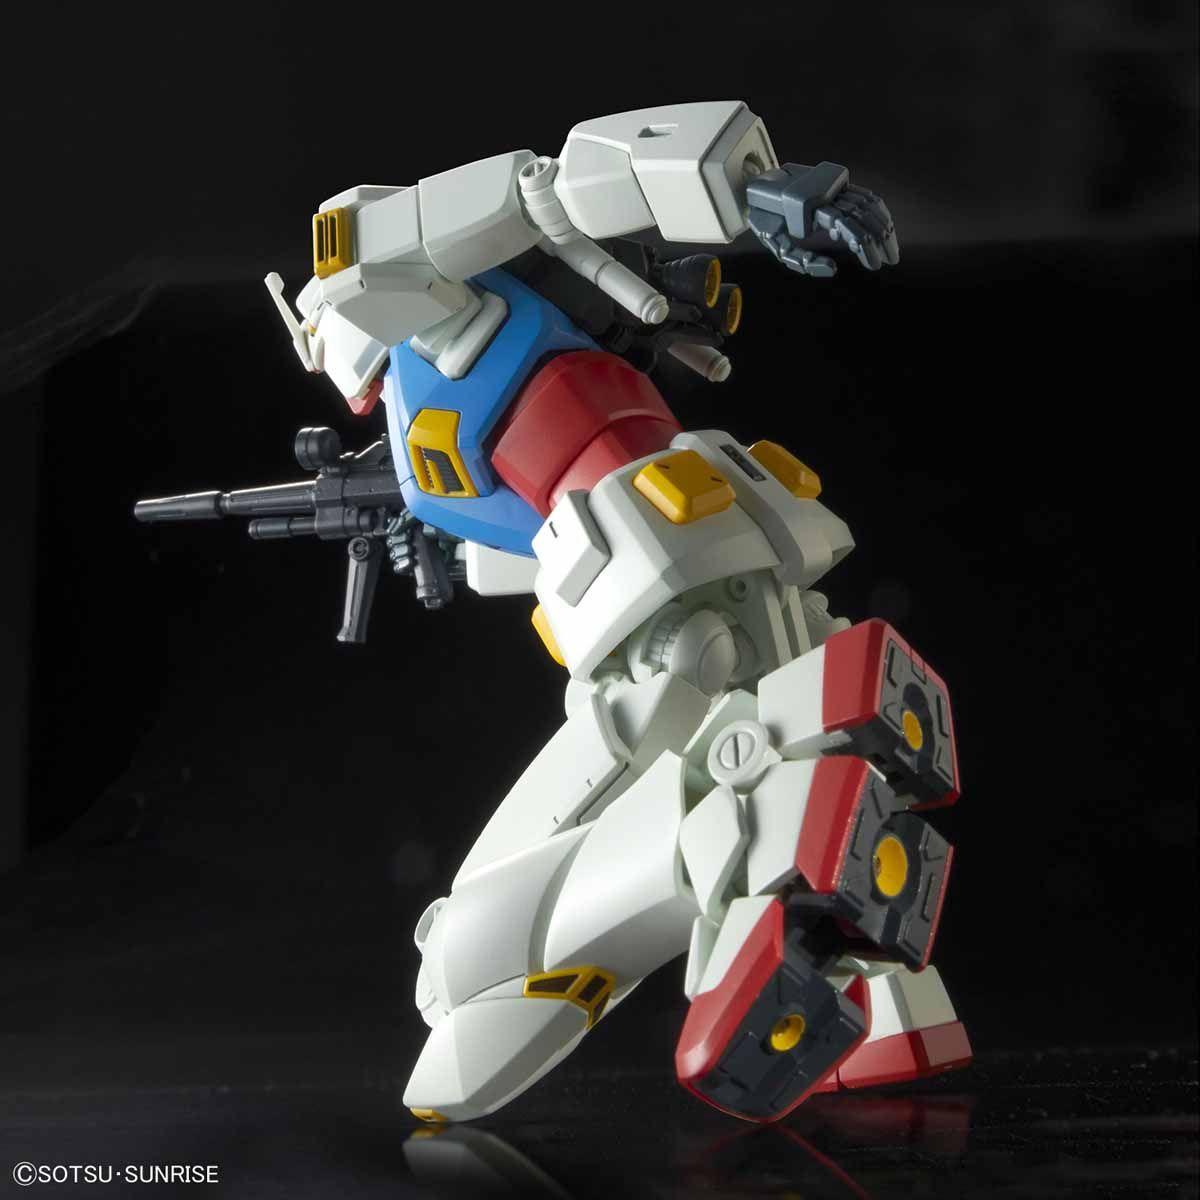 【再販】HG 1/144『ガンダムG40(Industrial Design Ver.)』プラモデル-003